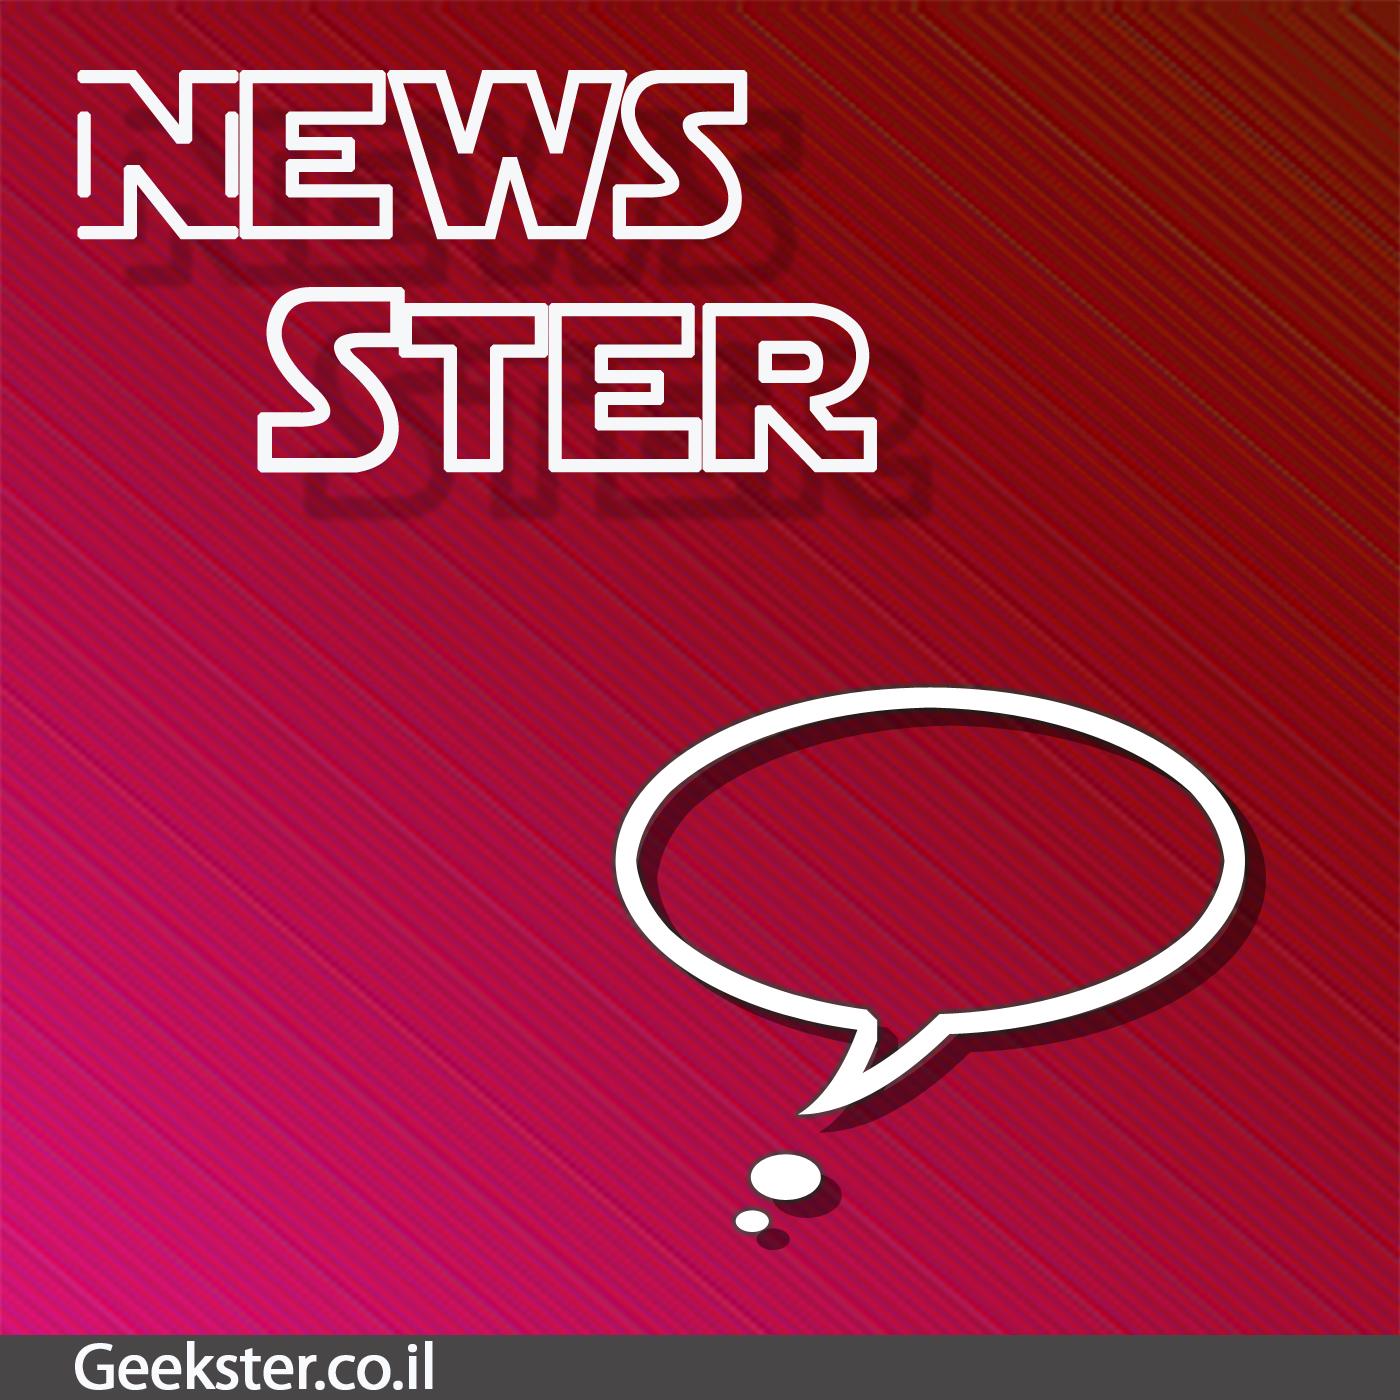 Newsster - החדשות - Geekster